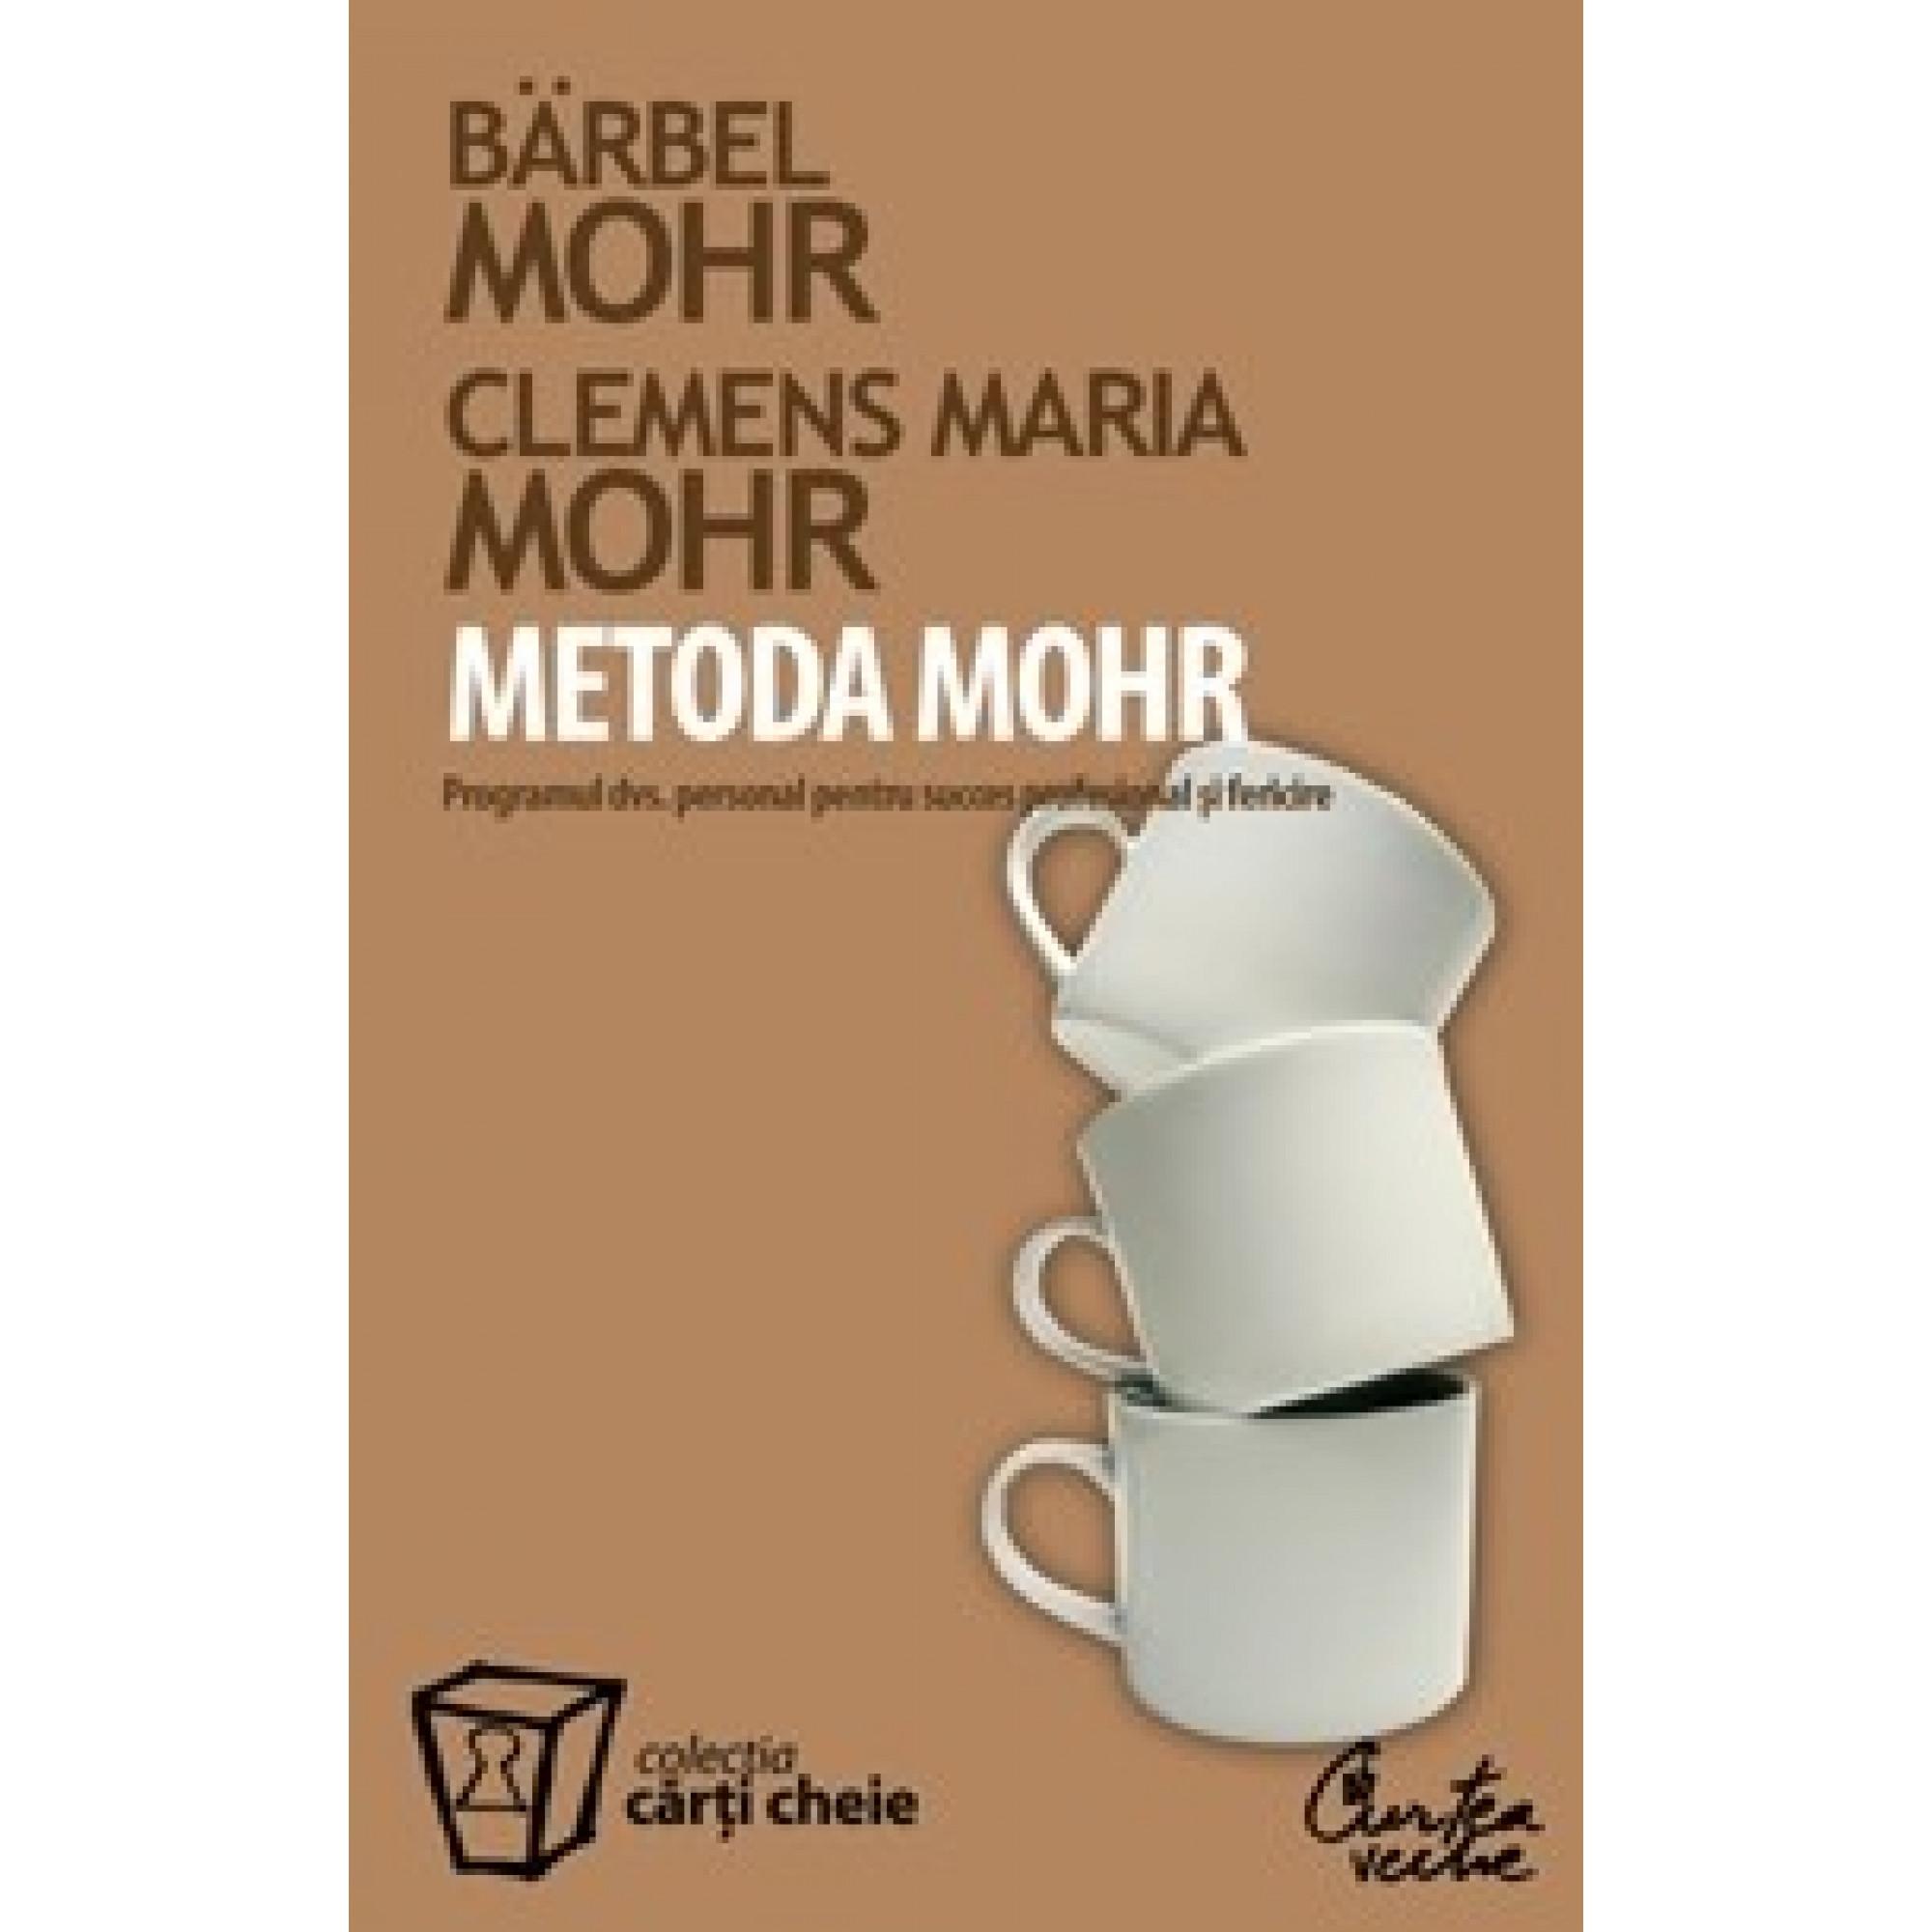 Metoda Mohr. Programul dumneavoastră personal pentru succes profesional şi fericire; Bärbel Mohr, Clemens Maria Mohr